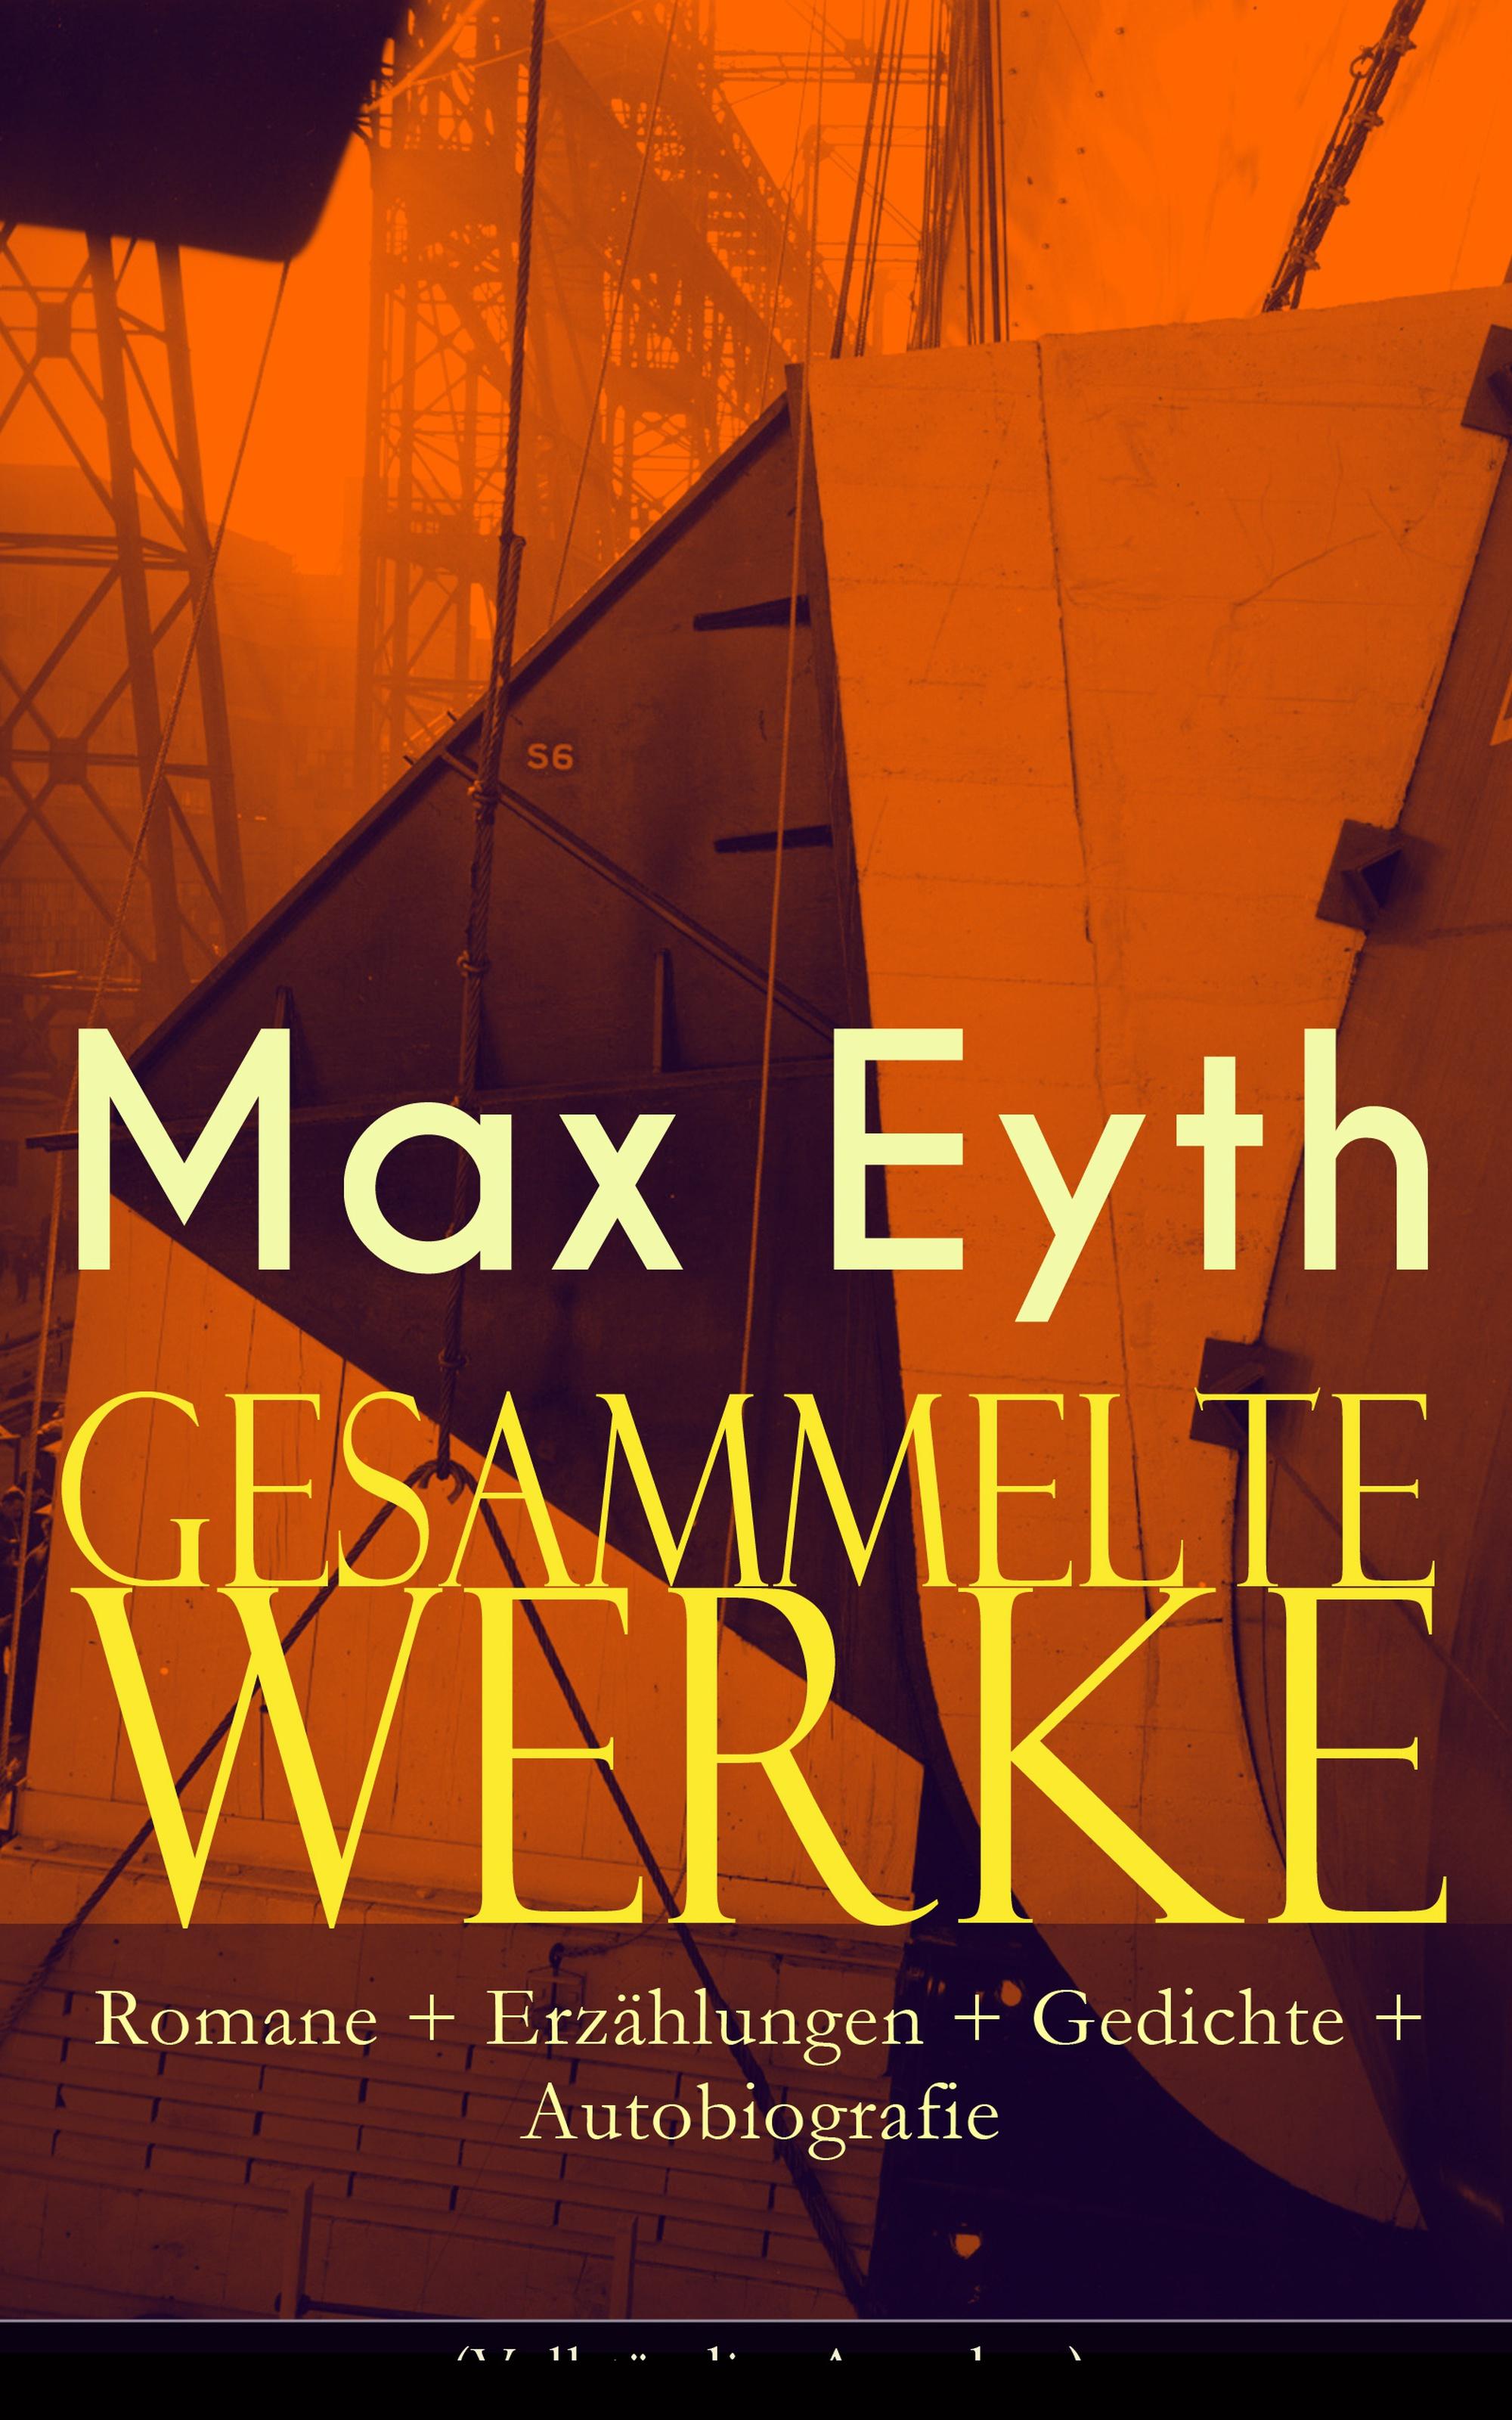 Max Eyth Gesammelte Werke: Romane + Erzählungen + Gedichte + Autobiografie стоимость